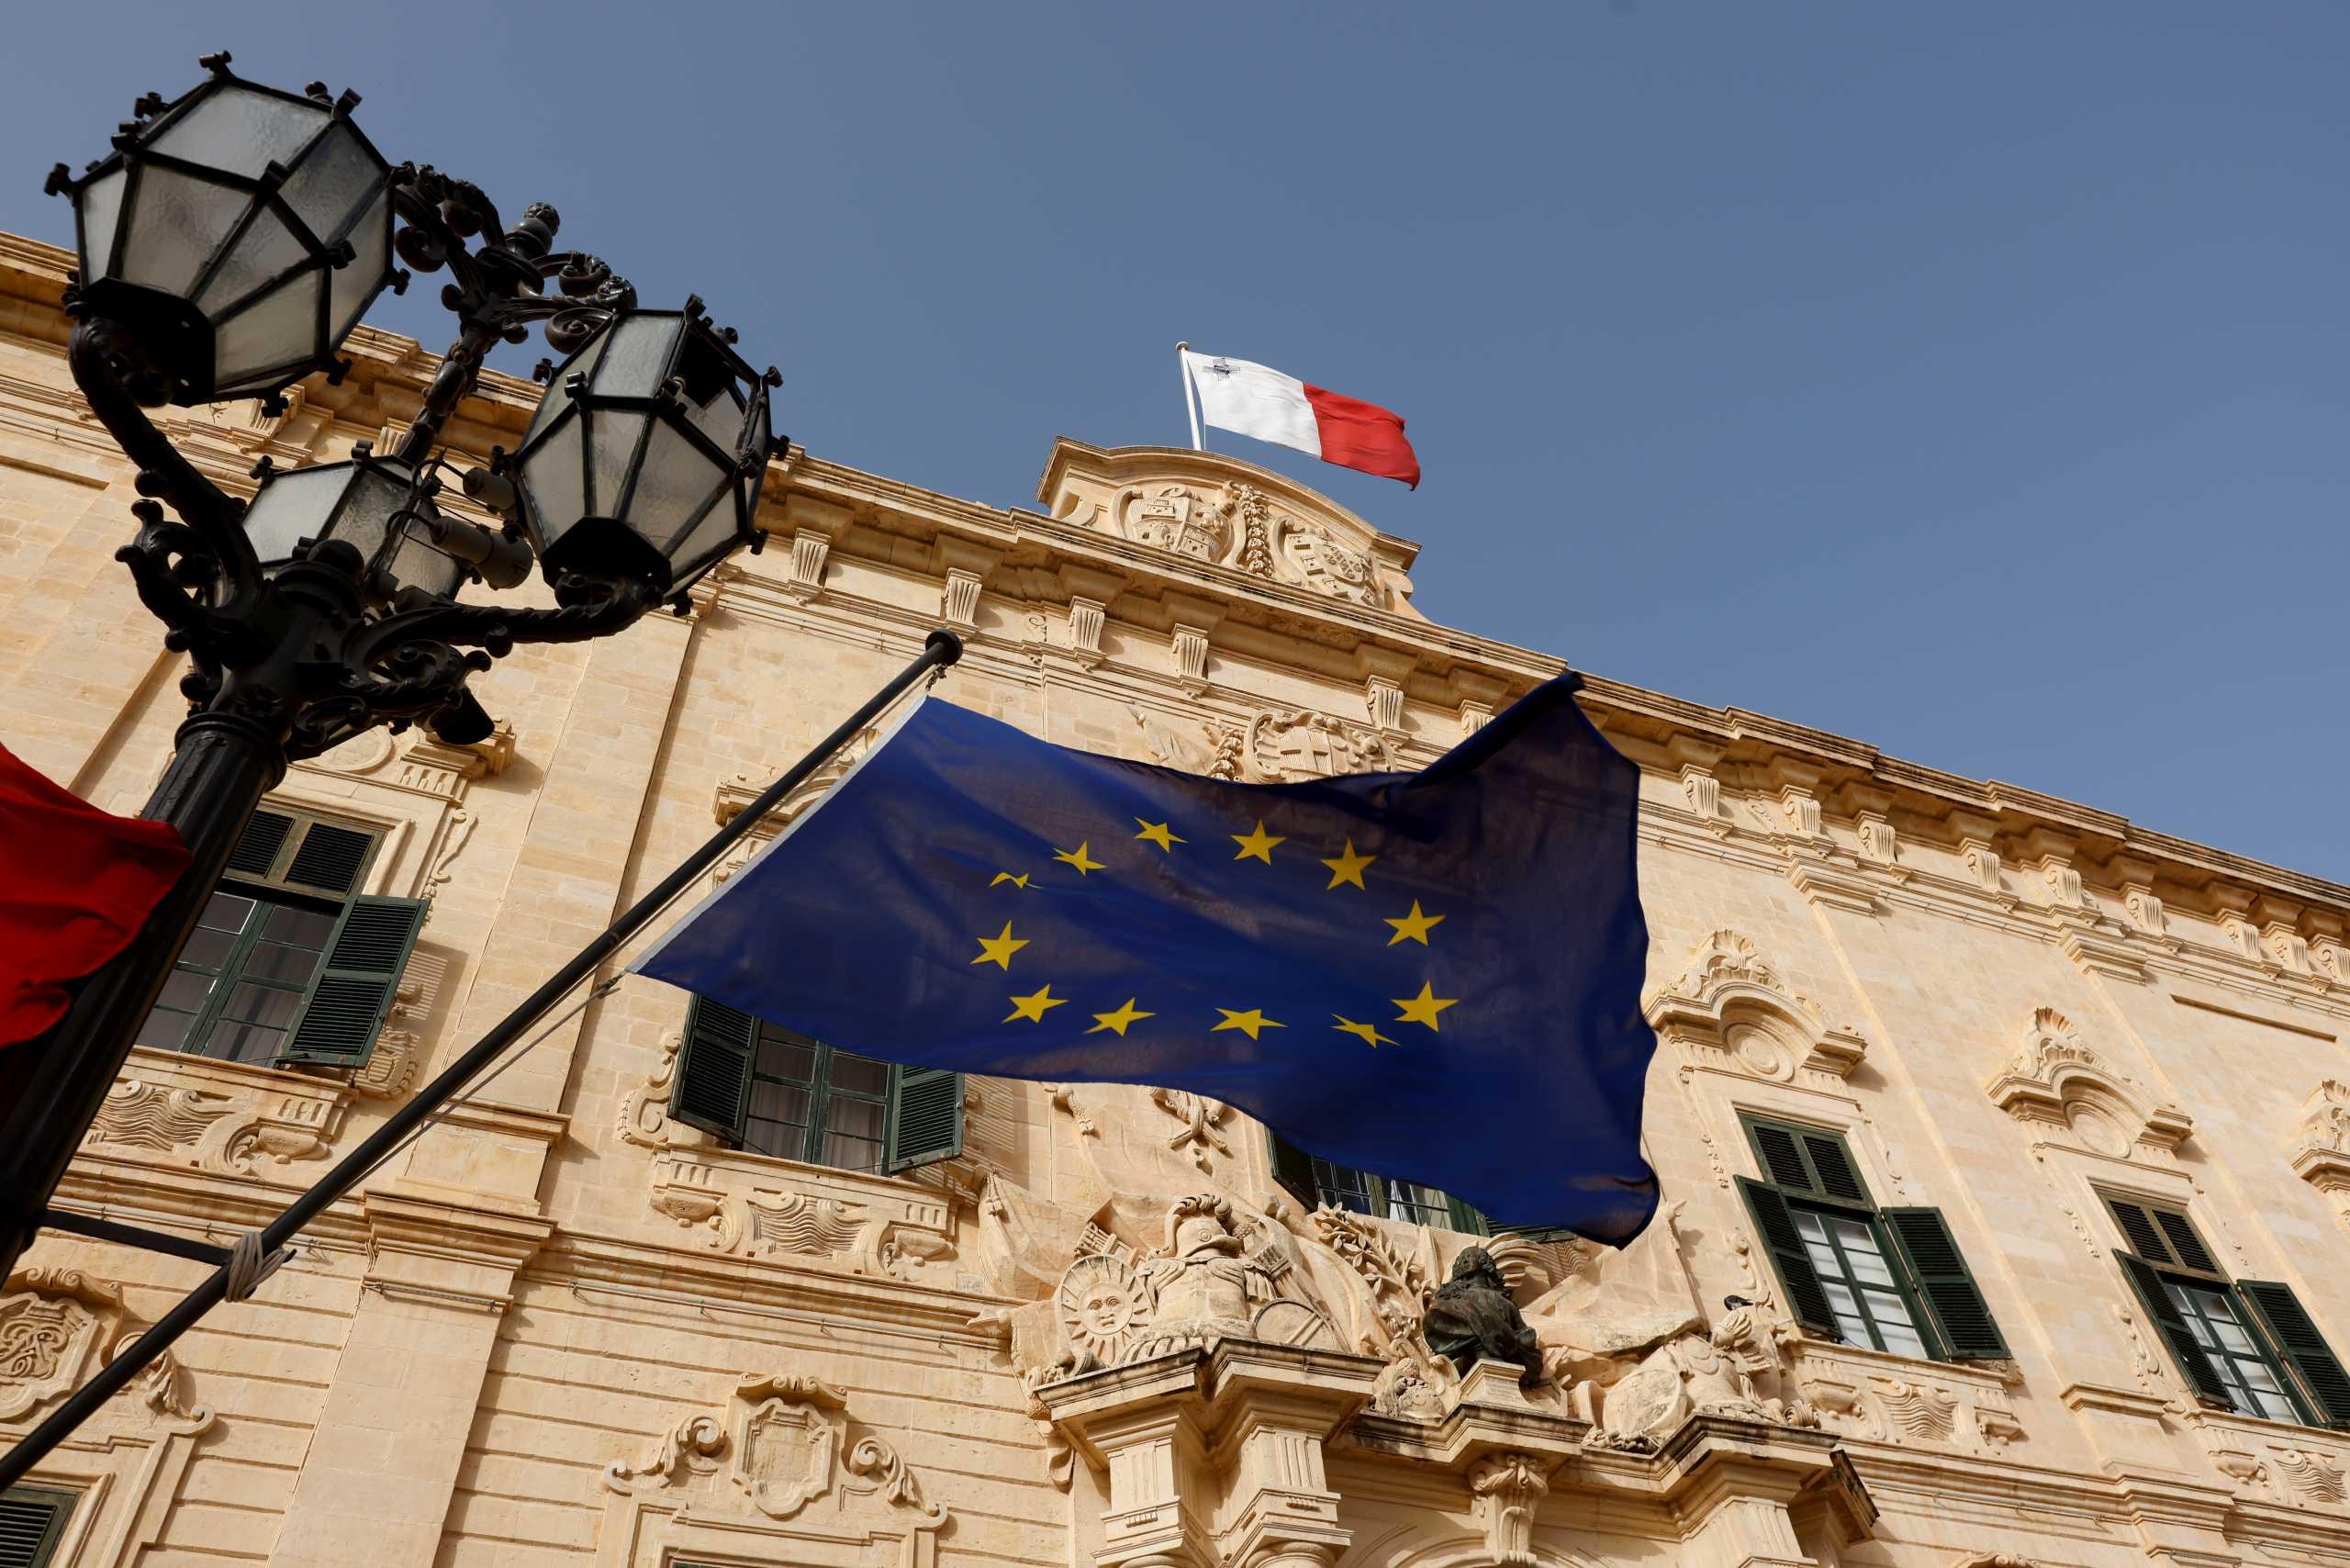 Η Μάλτα κλείνει τα σύνορα για τους ανεμβολίαστους – Εξηγήσεις ζητά η Κομισιόν